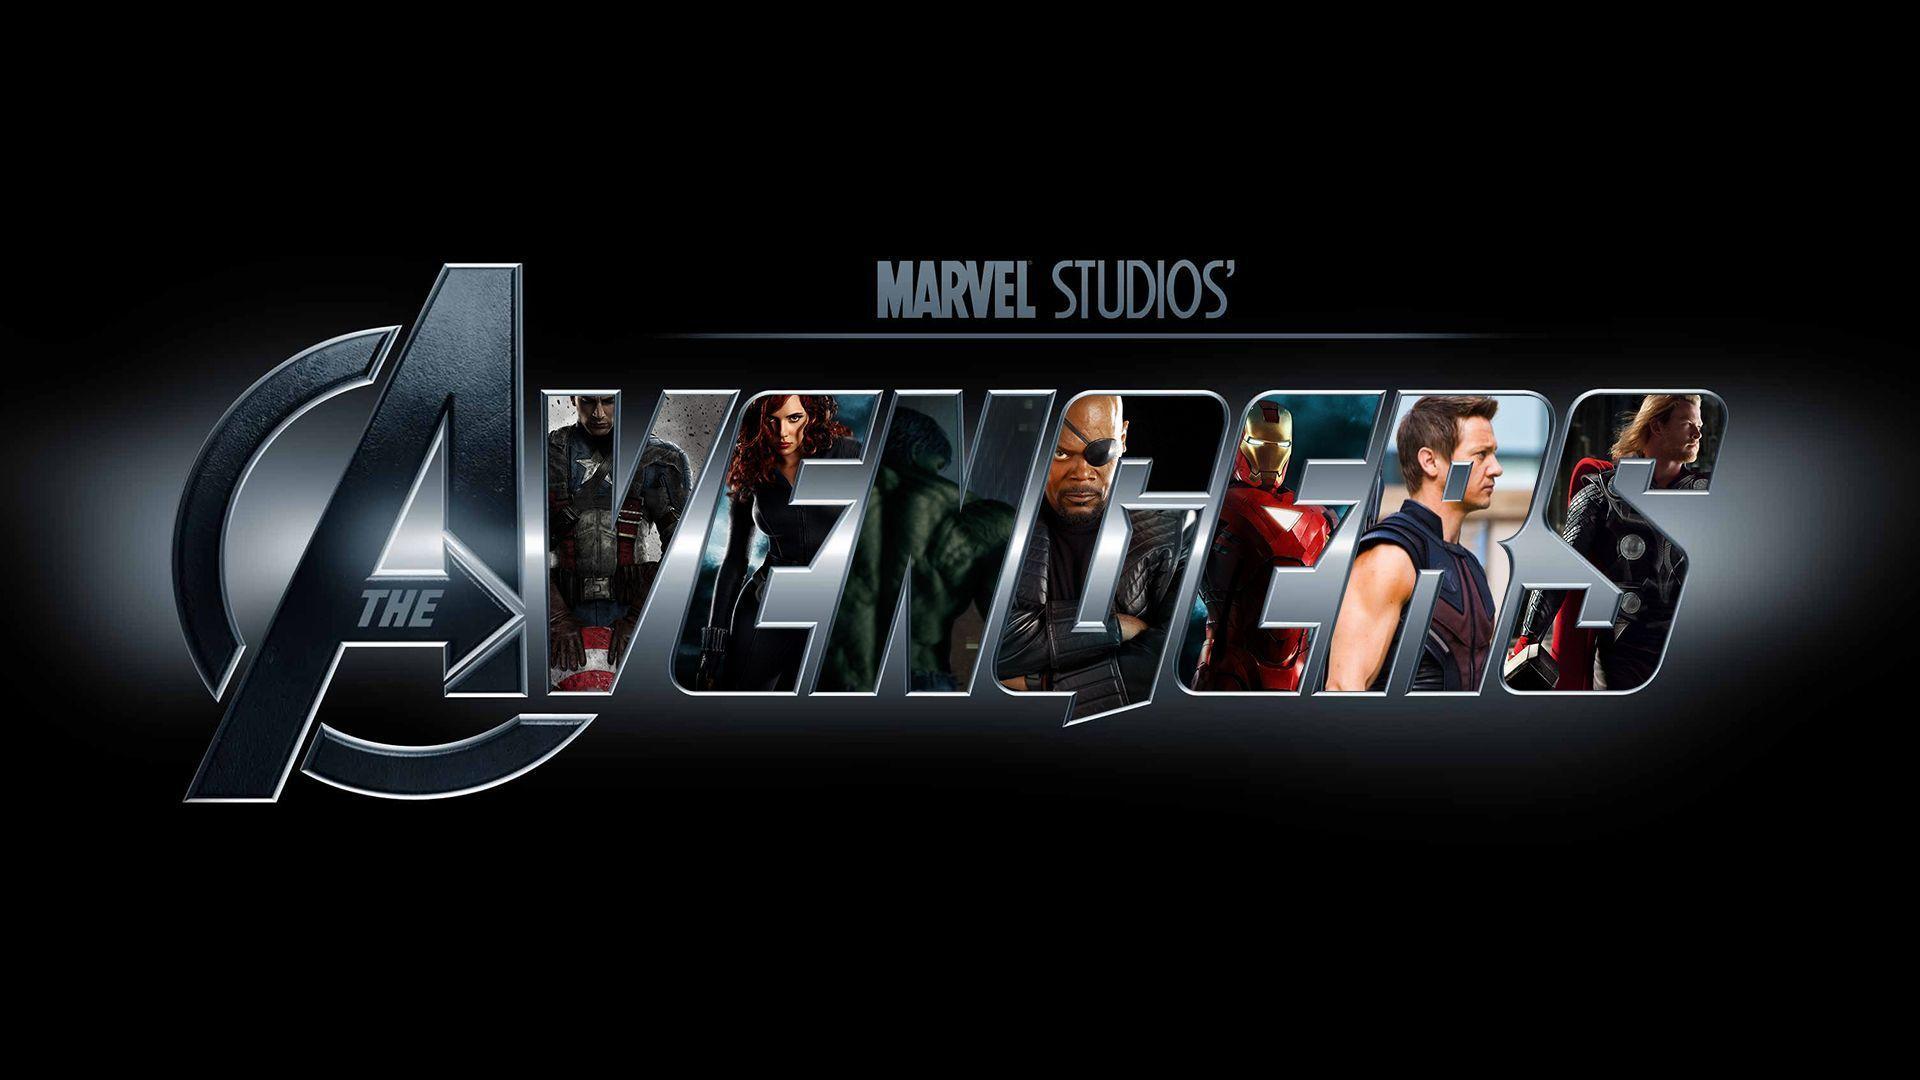 Marvel Avengers Logo Wallpapers - Top Free Marvel Avengers ...